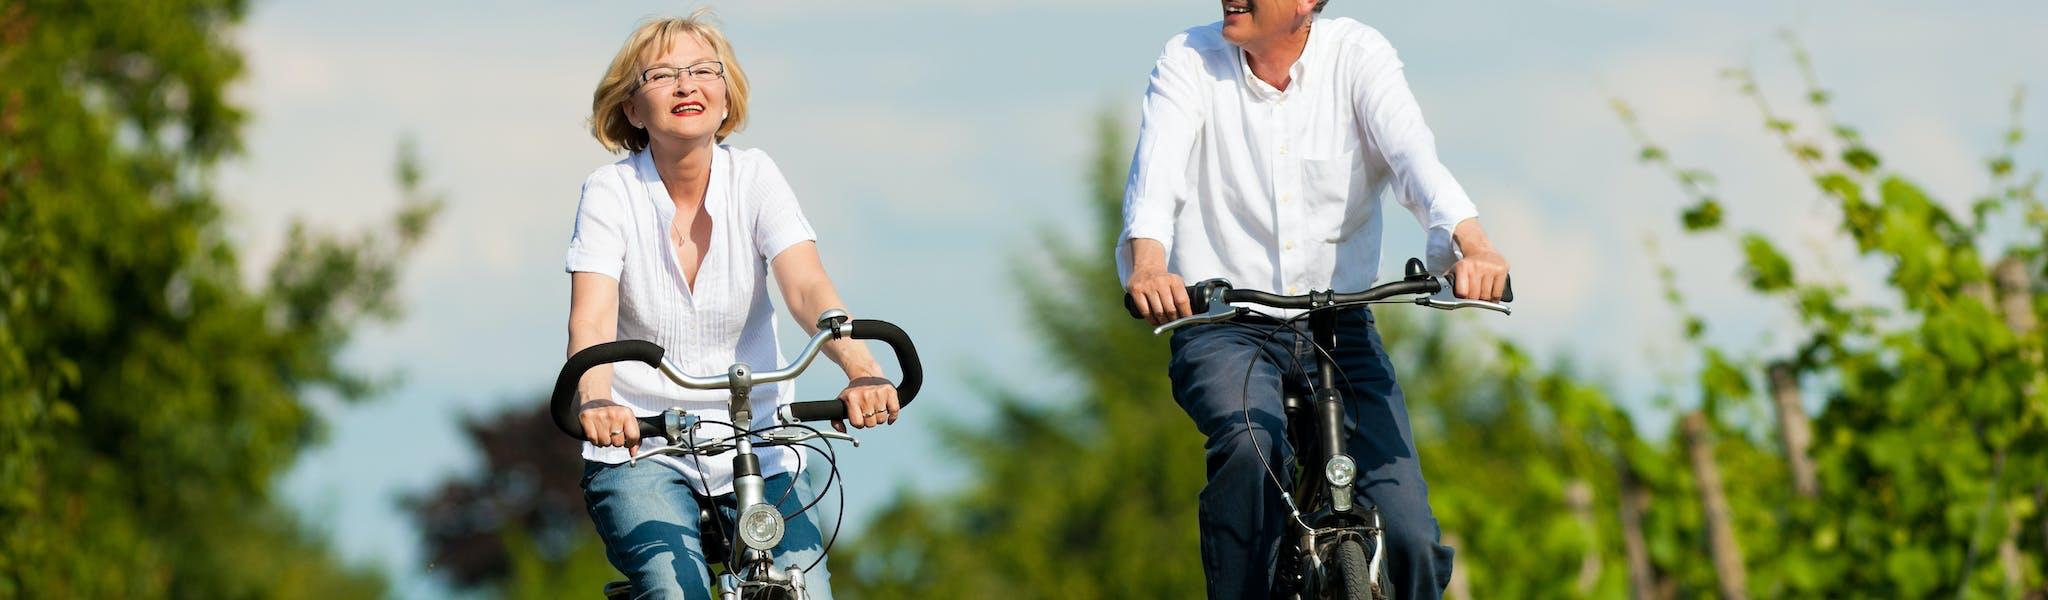 fietsen buitenland